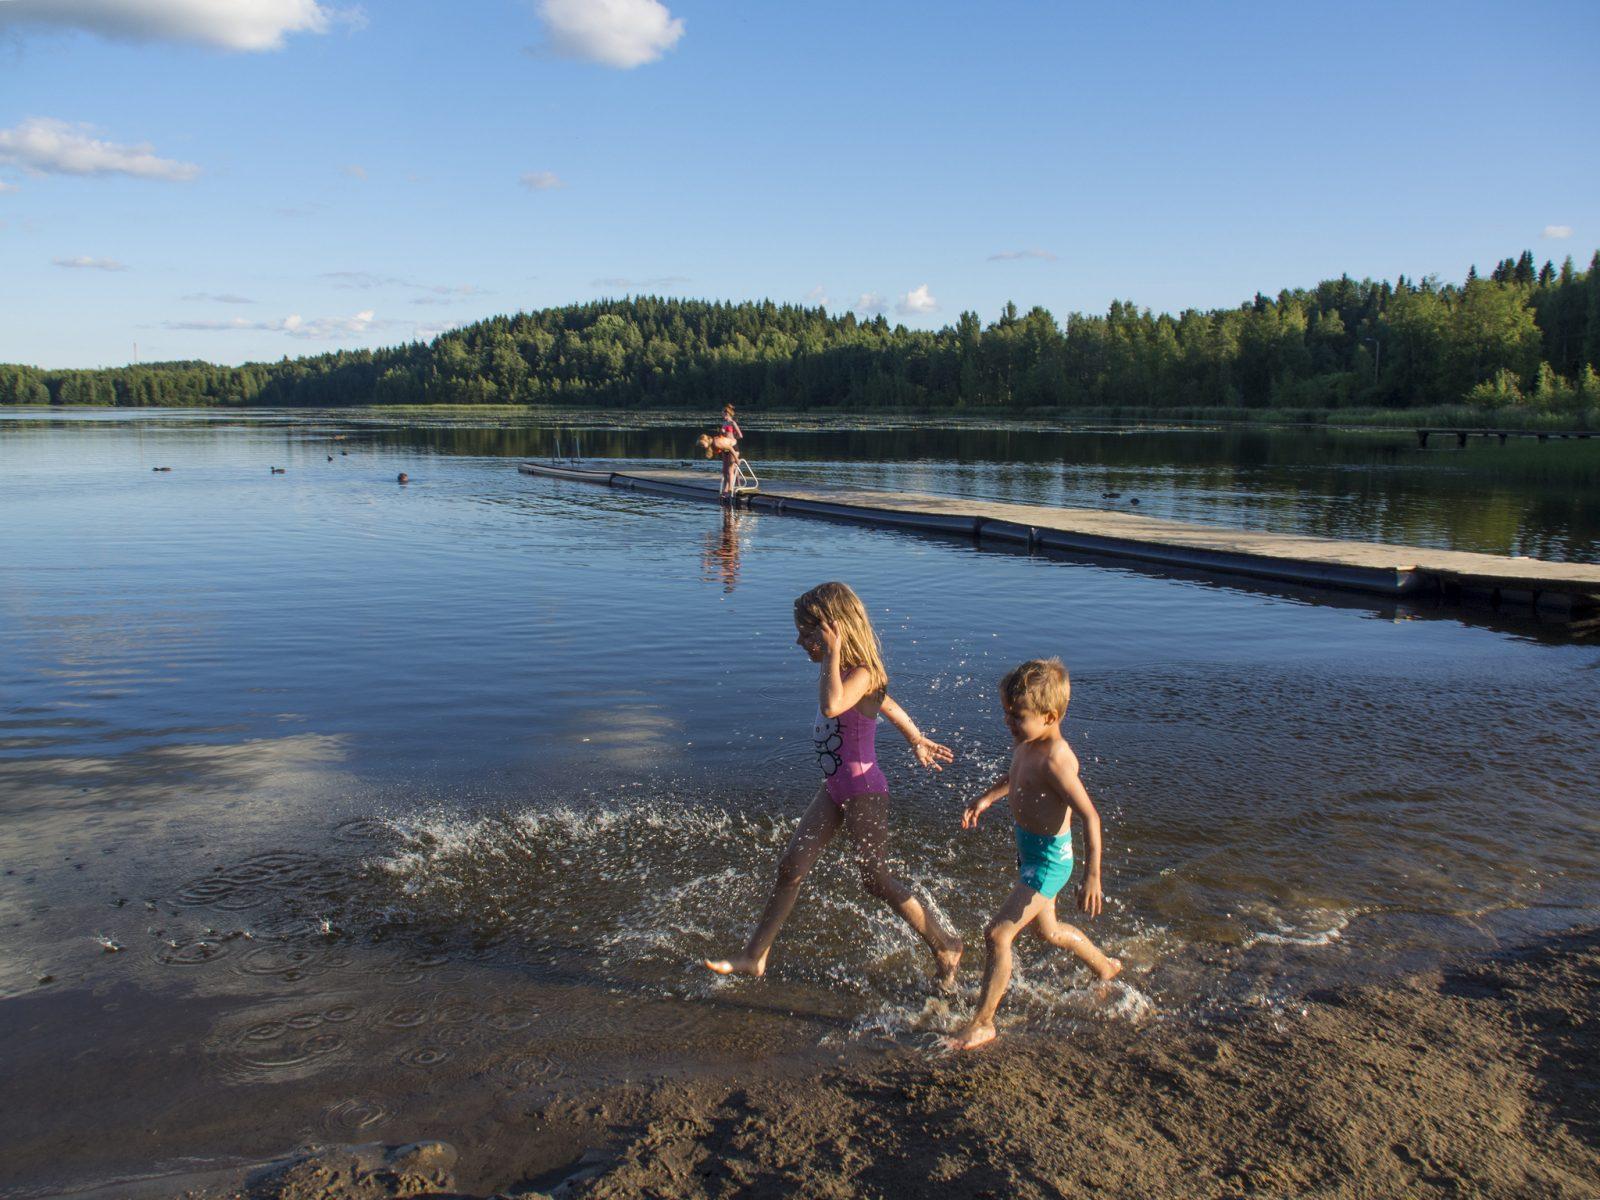 Kaksi lasta kahlaa uimarannalla aurinkoisena päivänä.